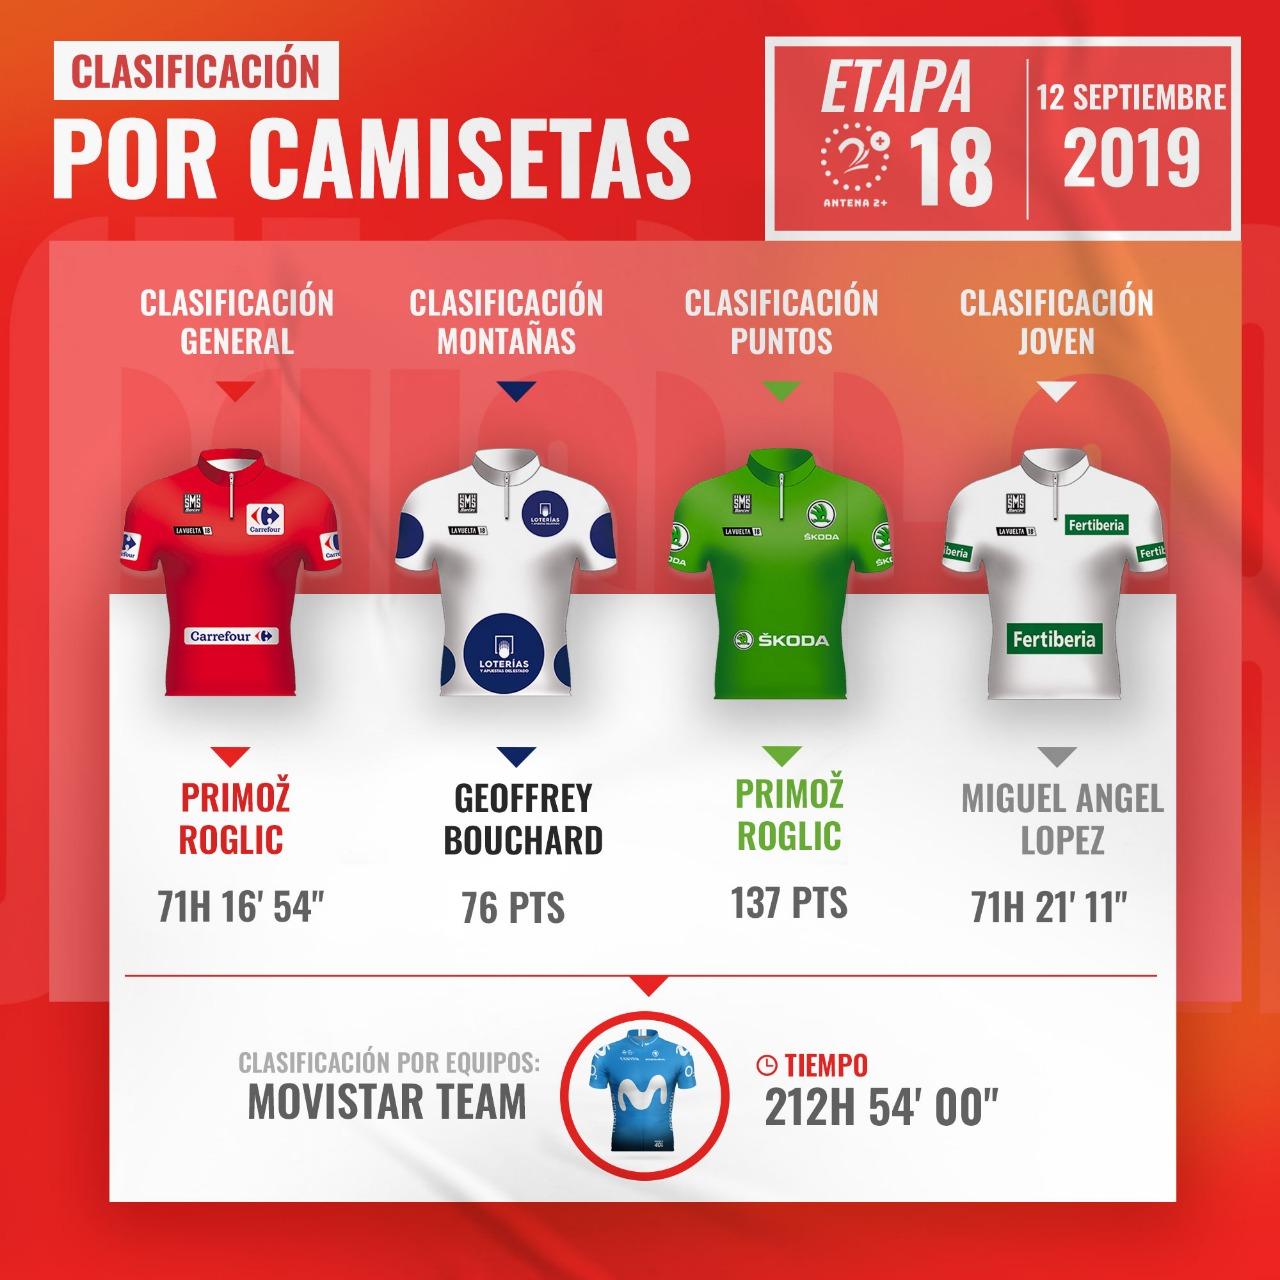 Clasificación tras etapa 18 de la Vuelta a España